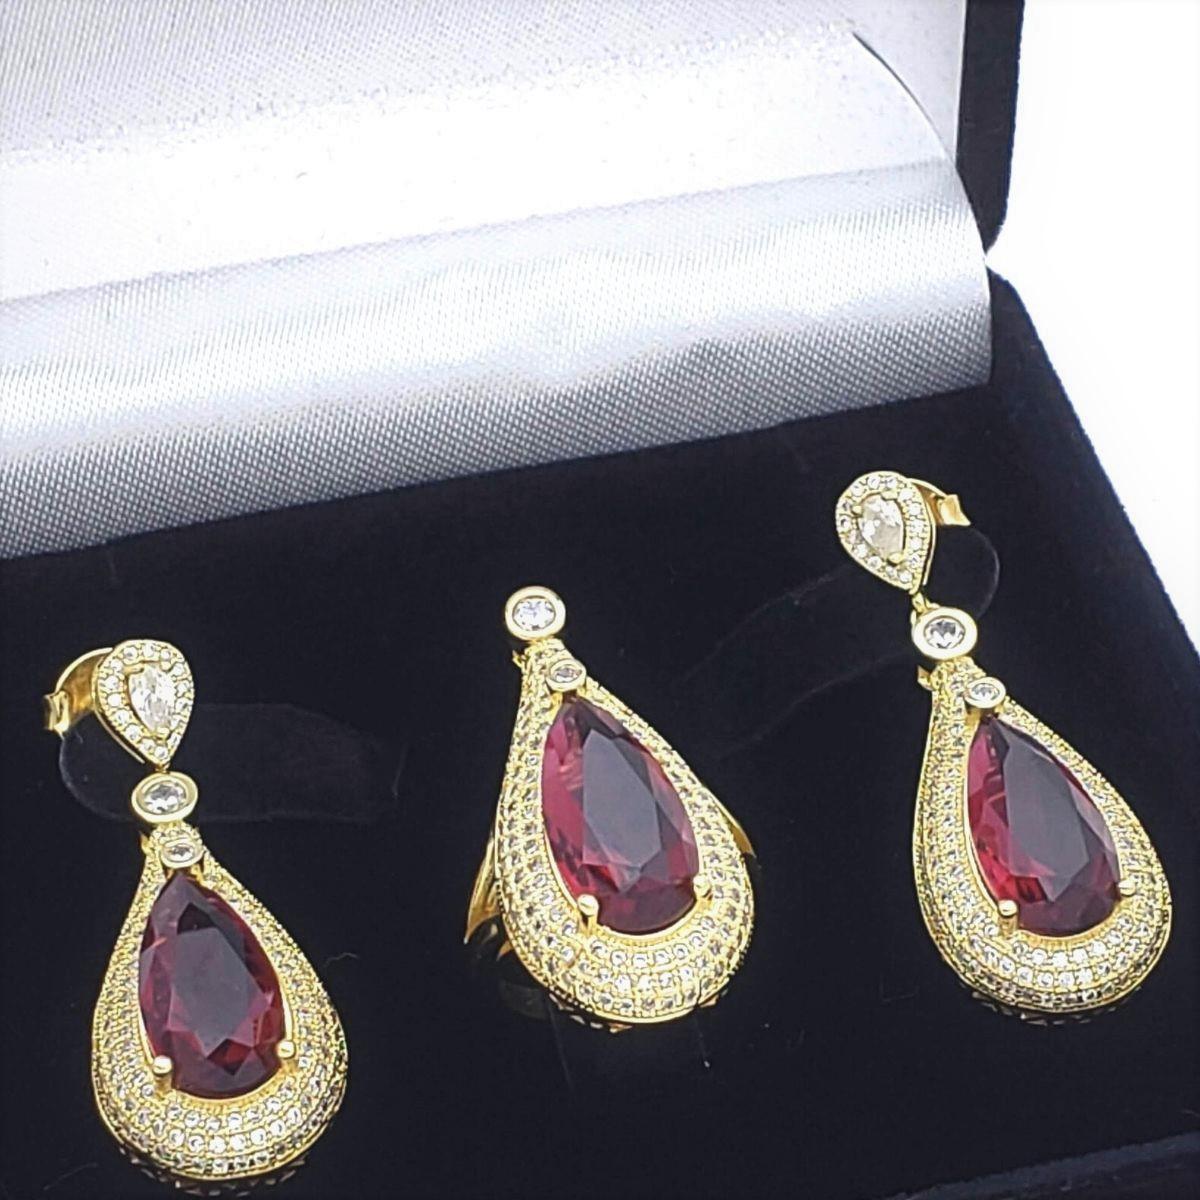 Anel E Brincos Gota De Cristal Cravejados Com Zirconias Banho De Ouro 18k 2396 2397